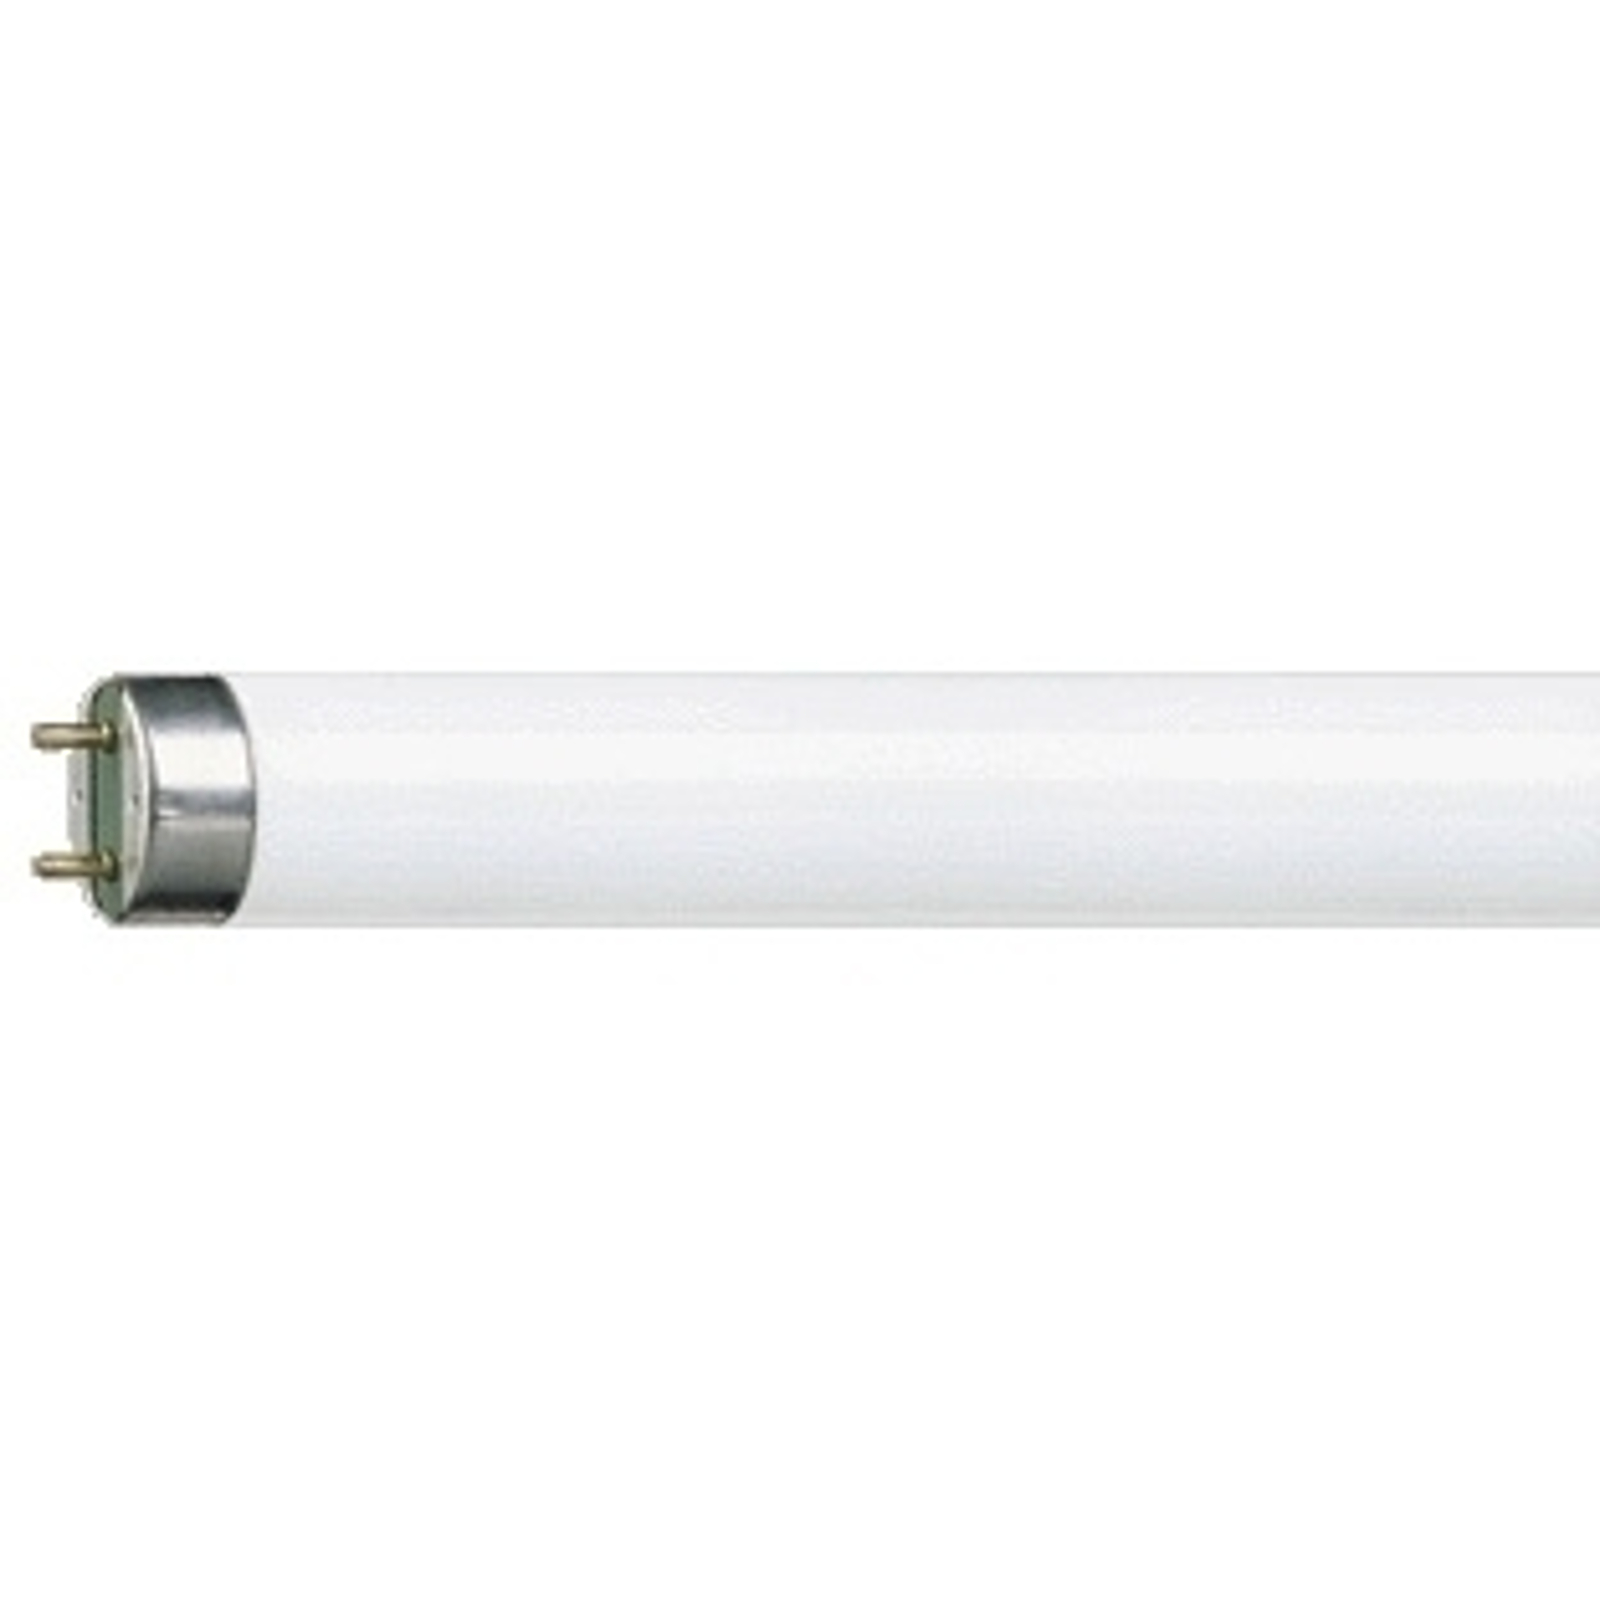 Leuchtstoffröhre G13 T8 23W MASTER TL-D Super 830